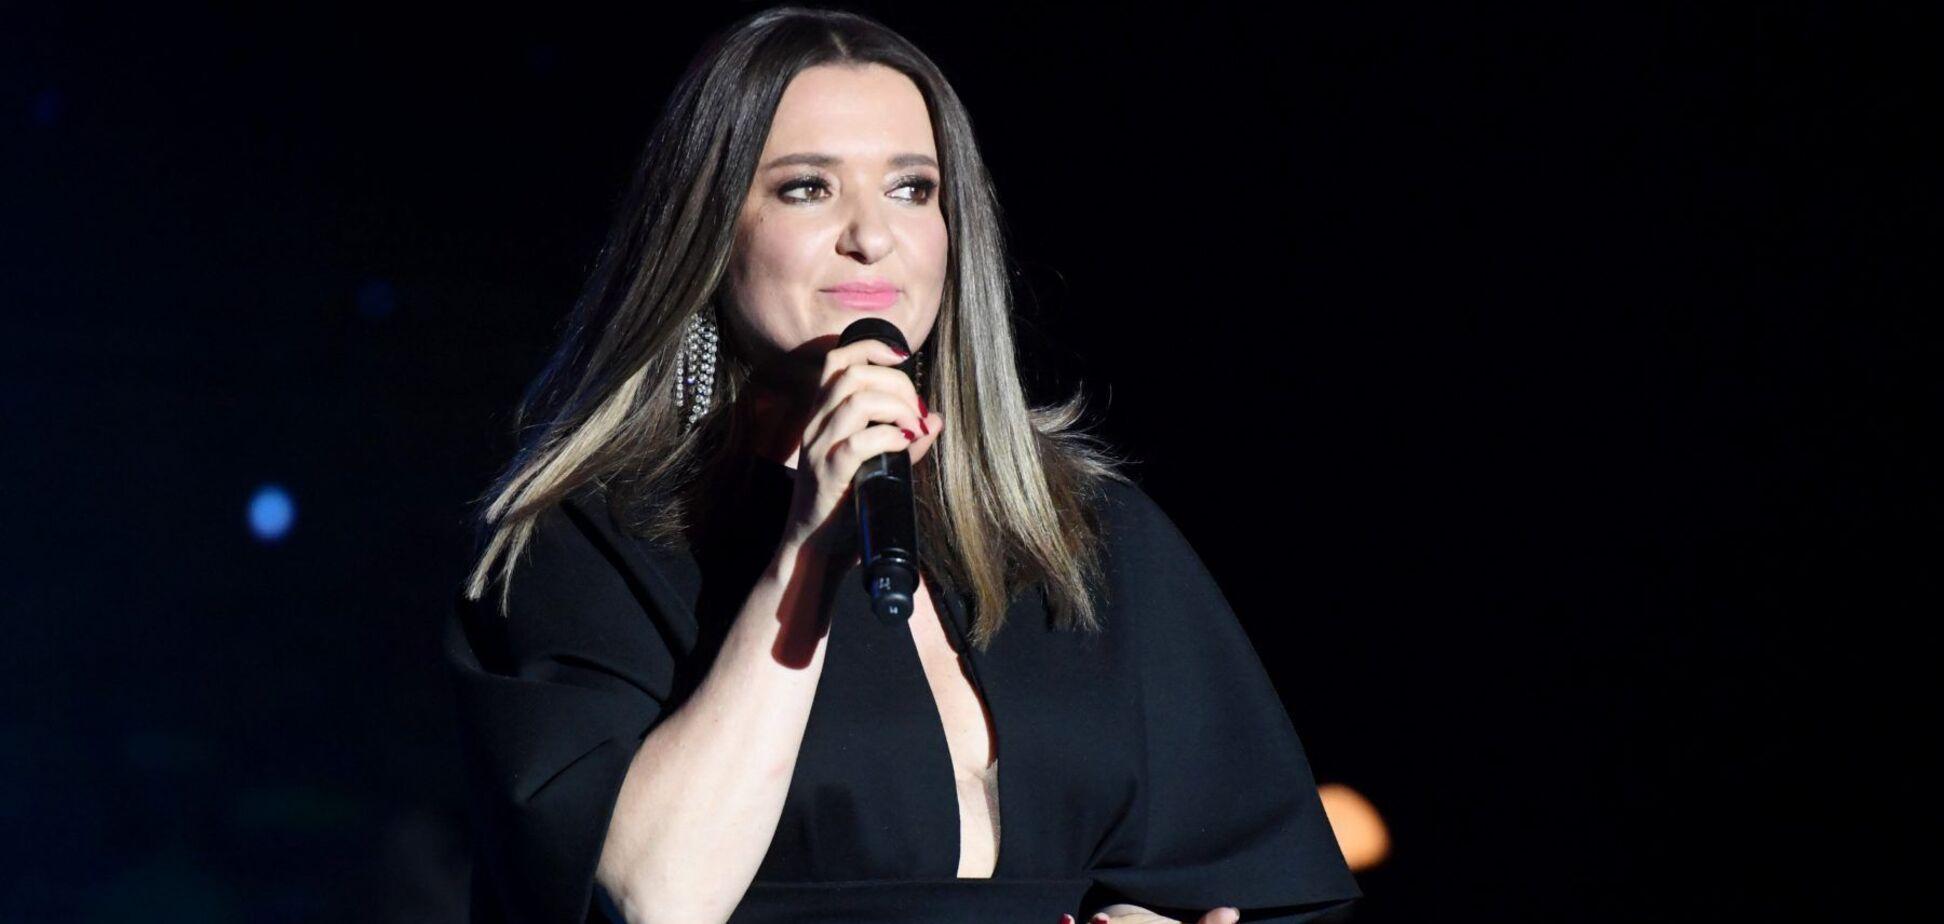 Могилевская похвасталась концертом в Буковеле и показала обнаженное фото из Карпат